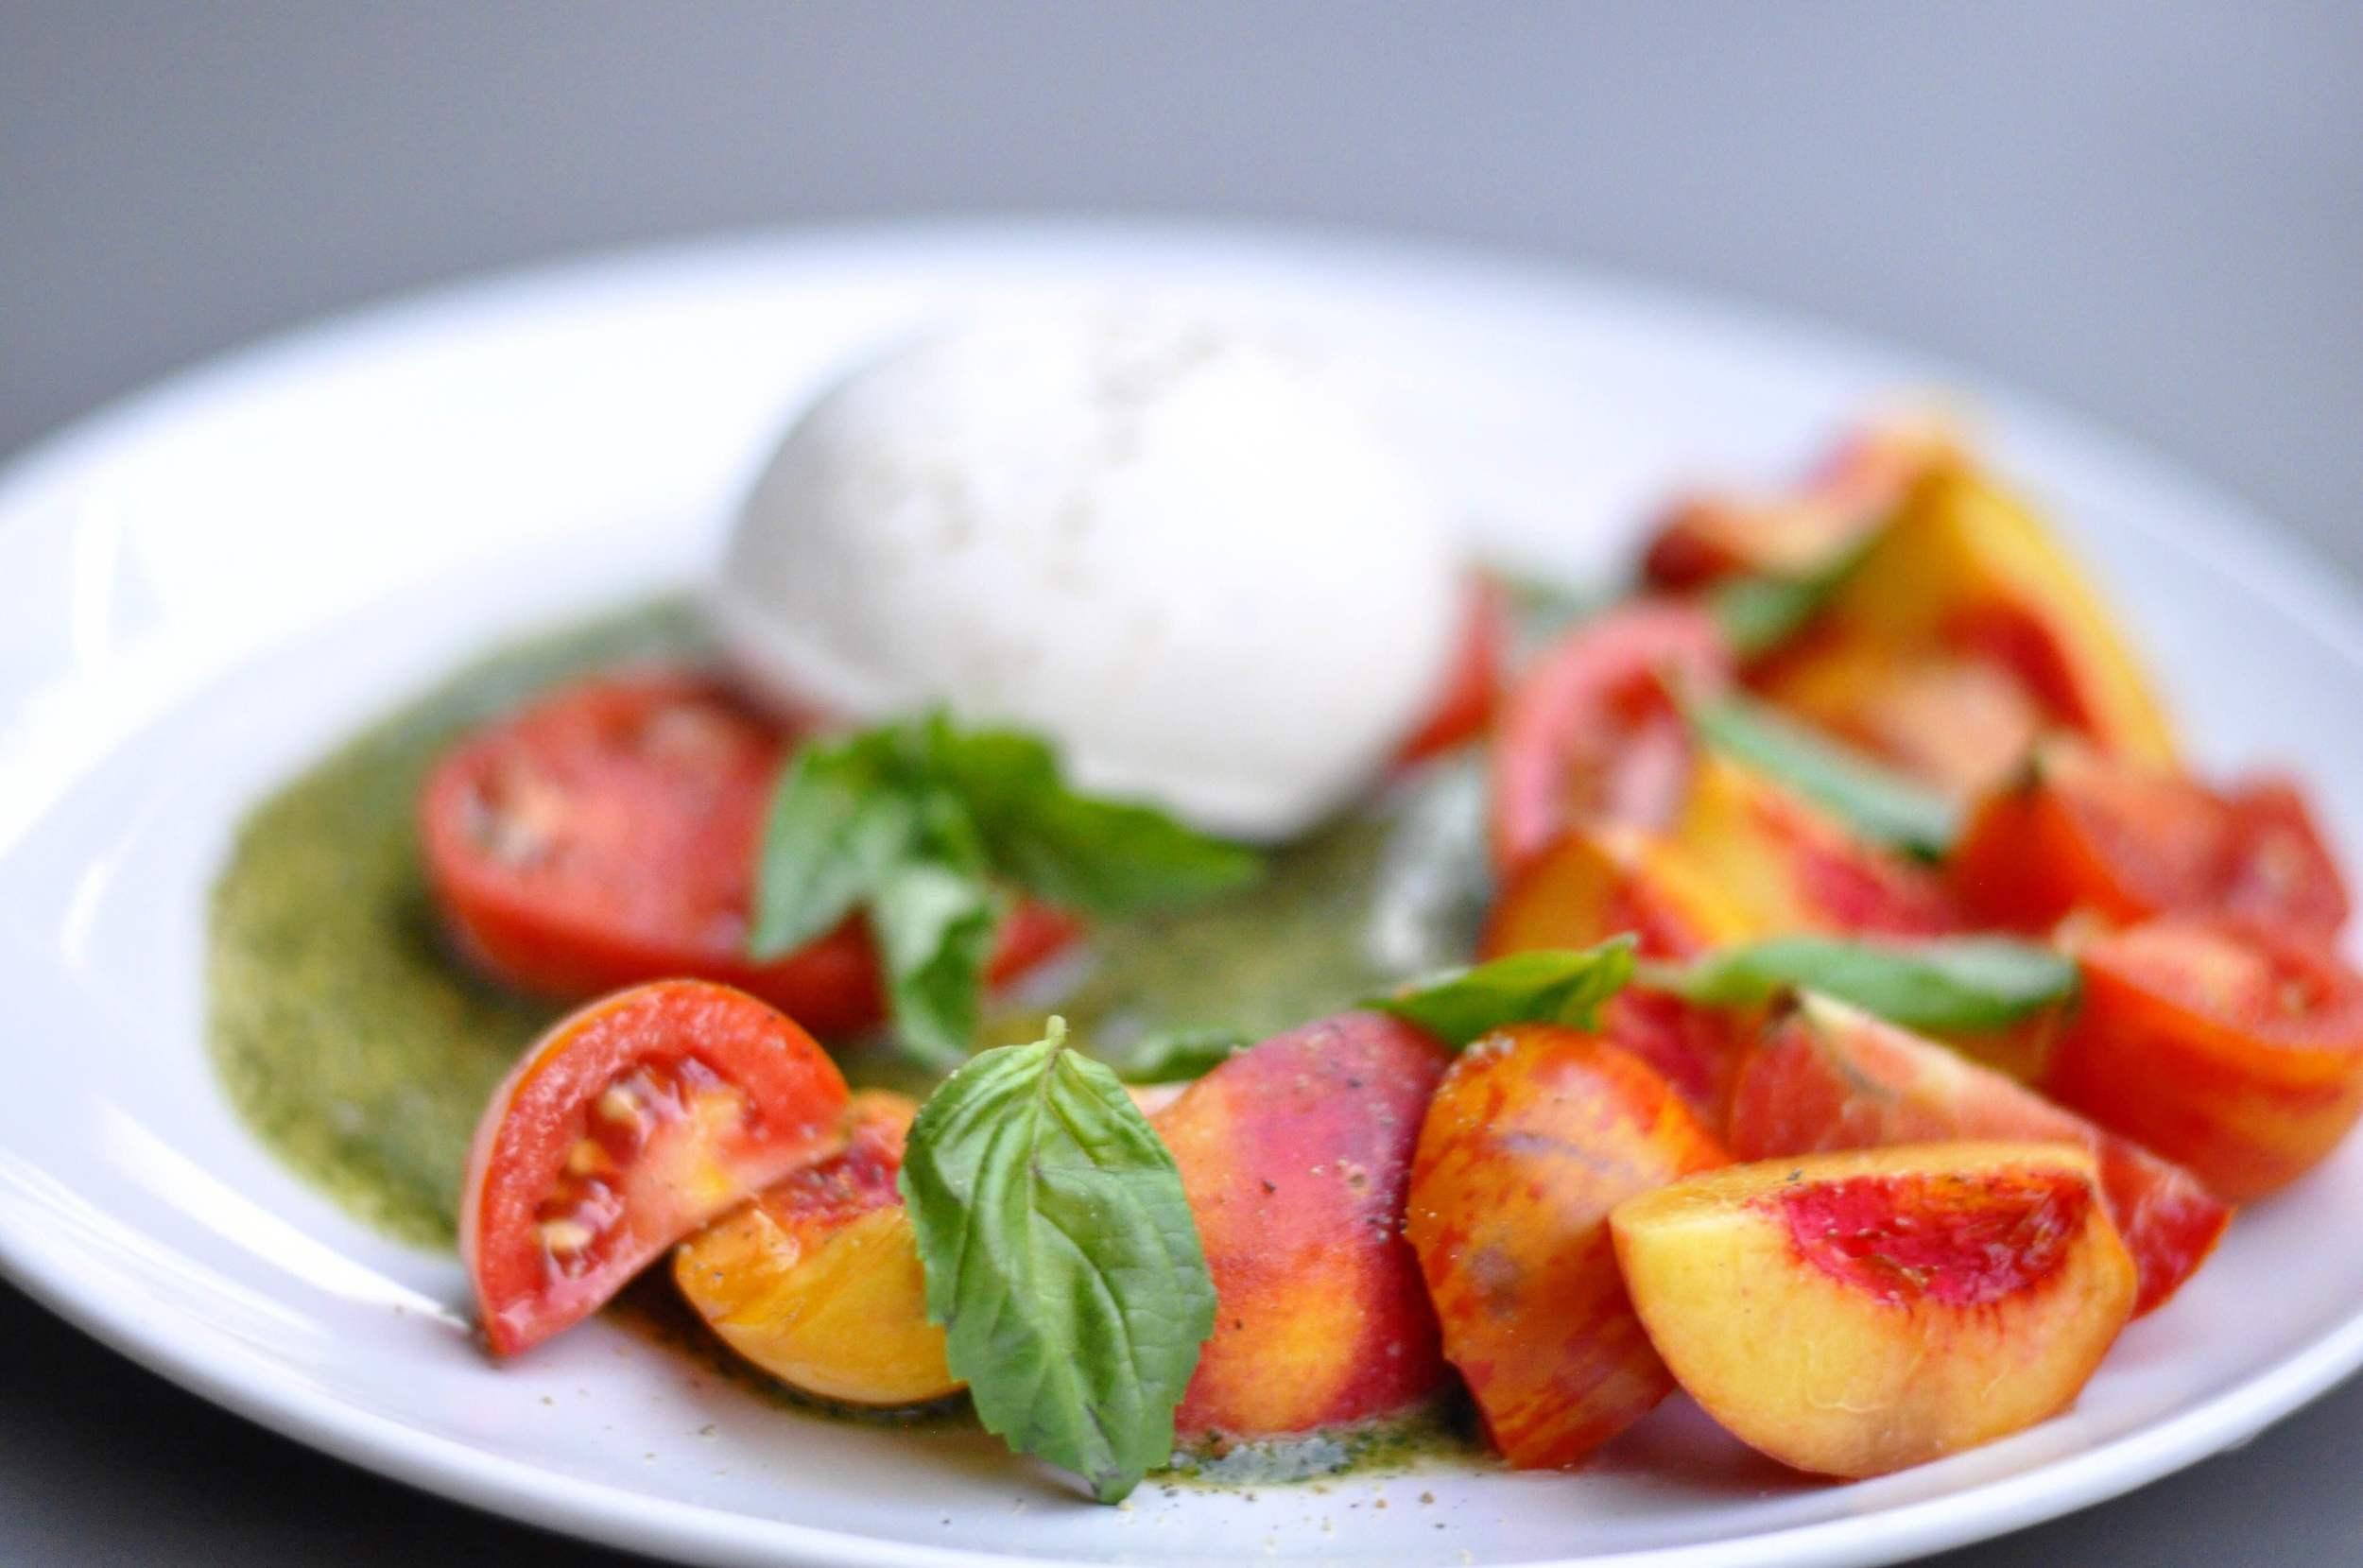 Peach and Tomato Salad with Burrata Recipe